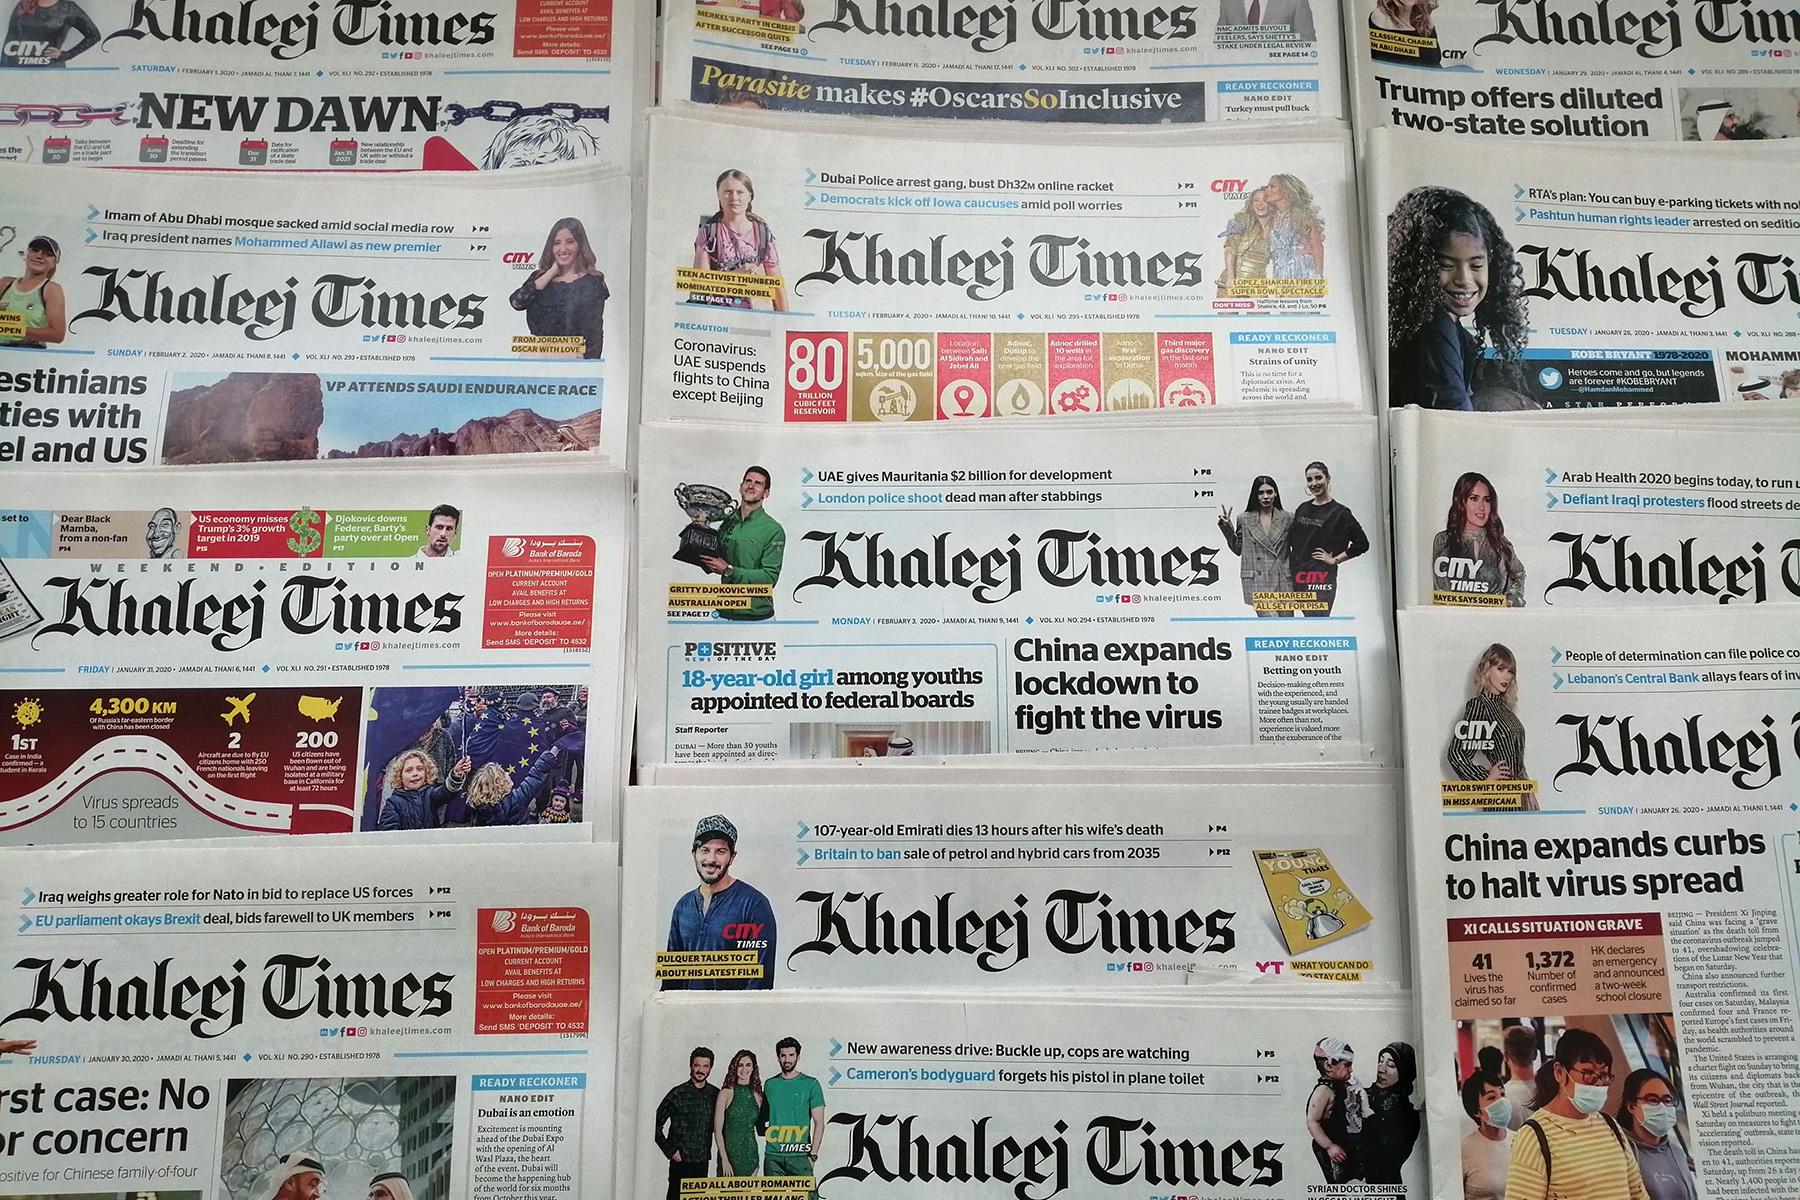 Khaleej Times newspaper